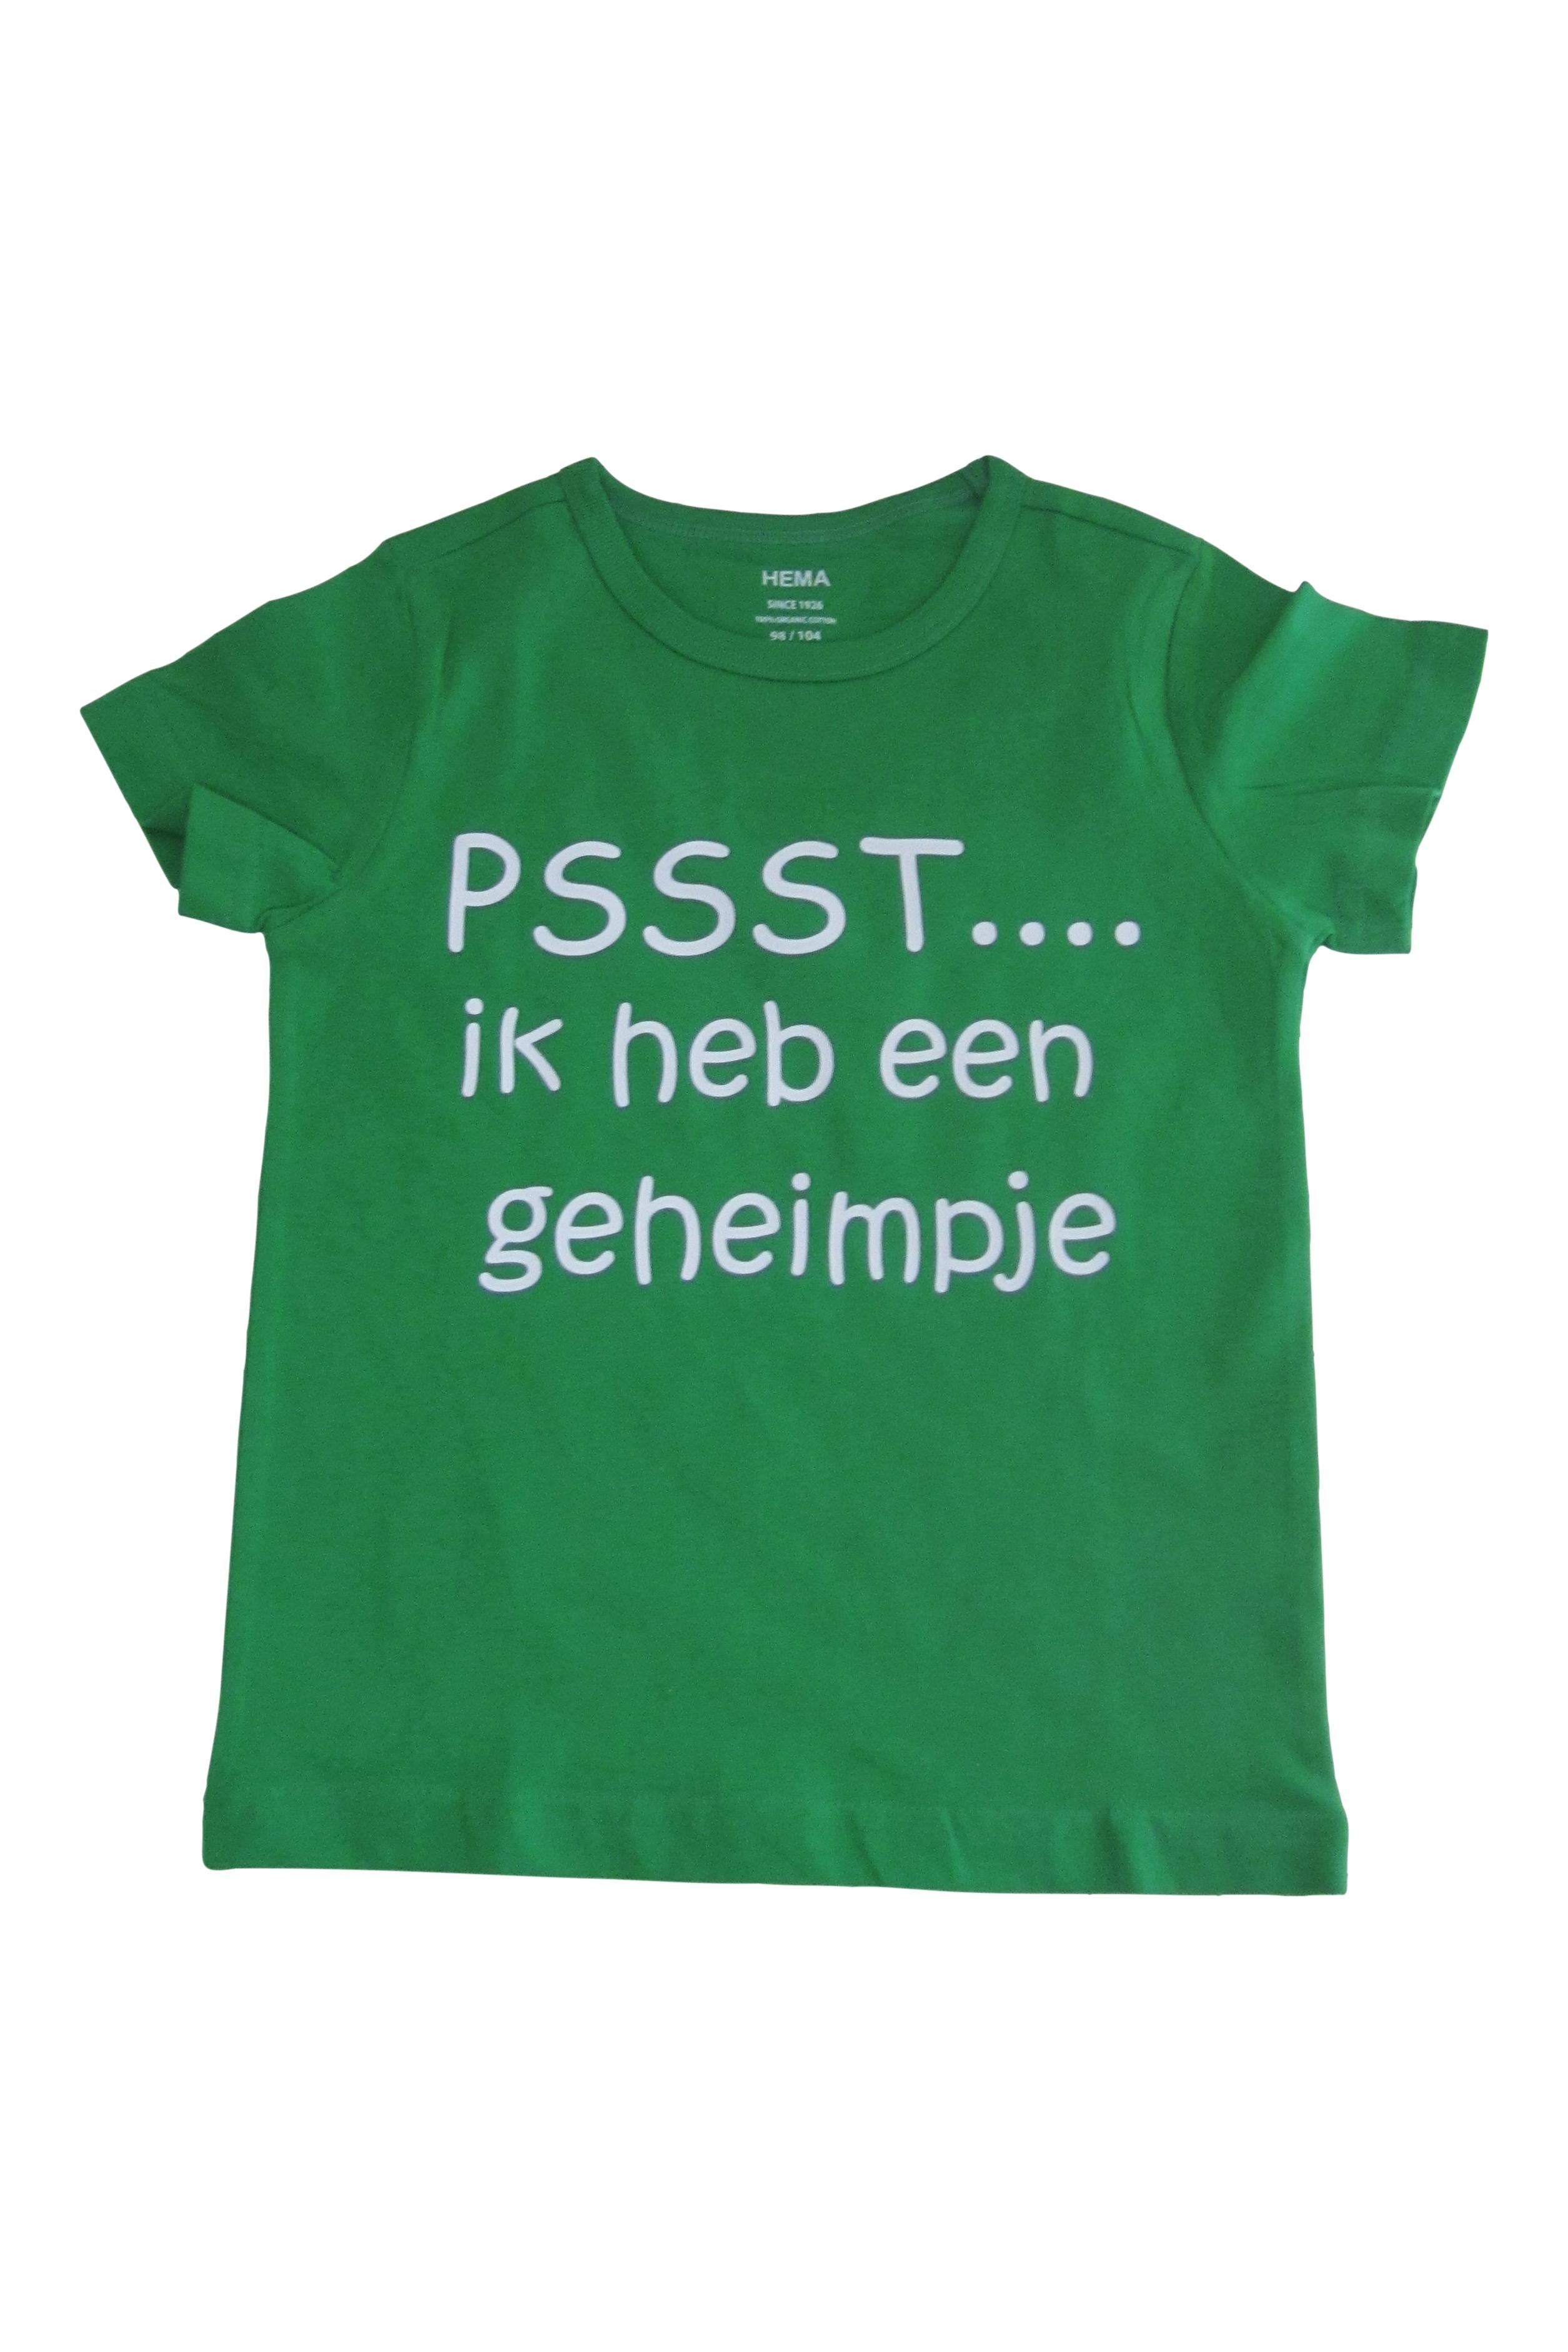 t shirt ontwerpen hema